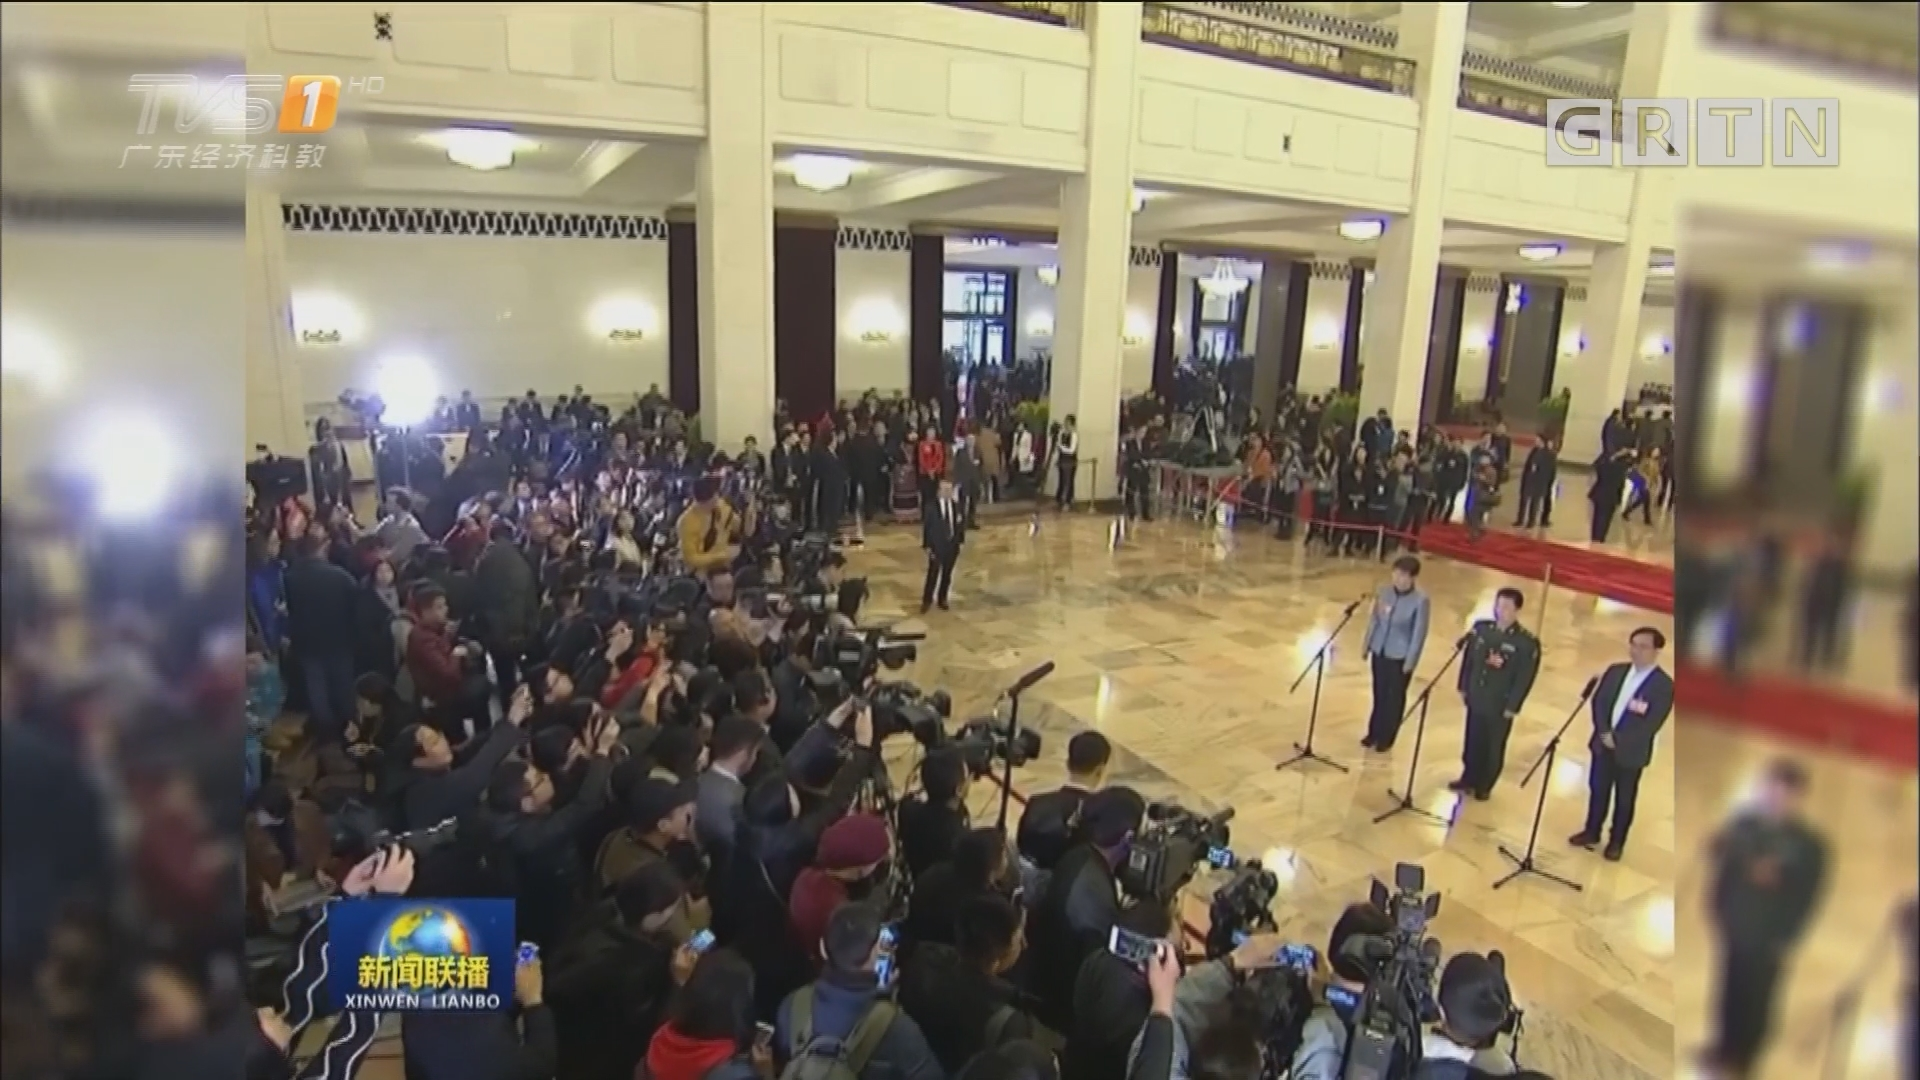 两会委员通道首次开启 中国骄傲振奋人心